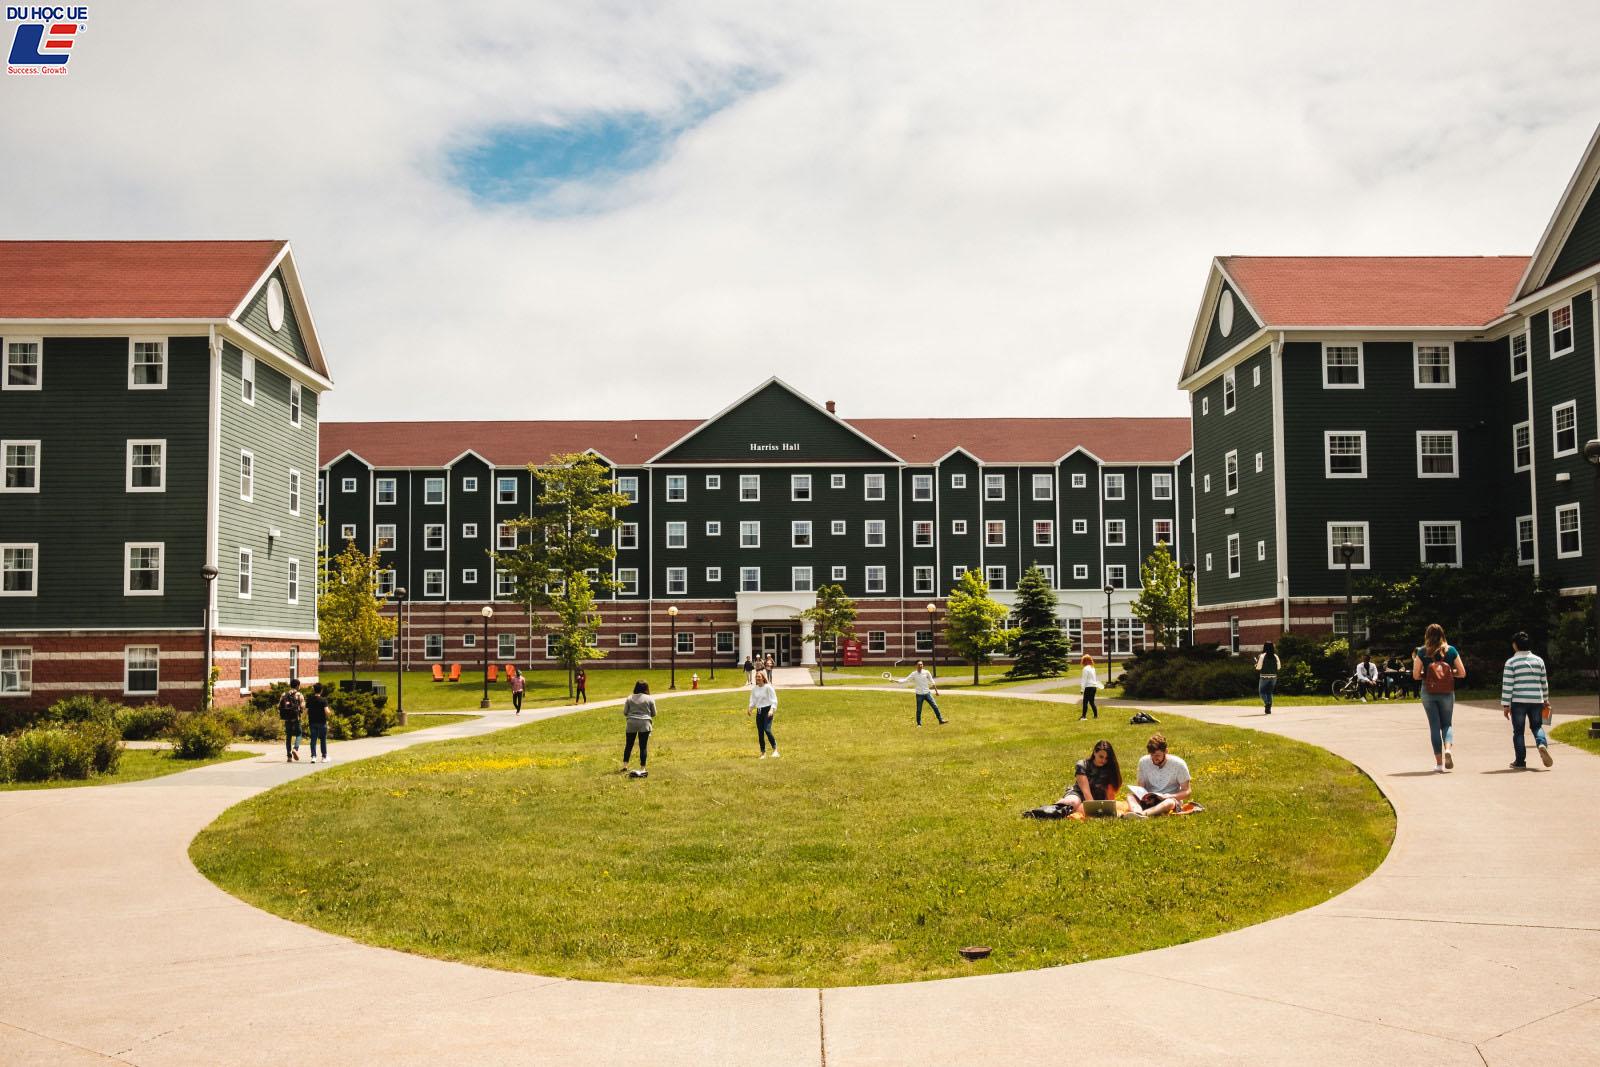 Du học học bổng trường Cape Breton University tại đảo Cape Breton bình yên, Canada 3